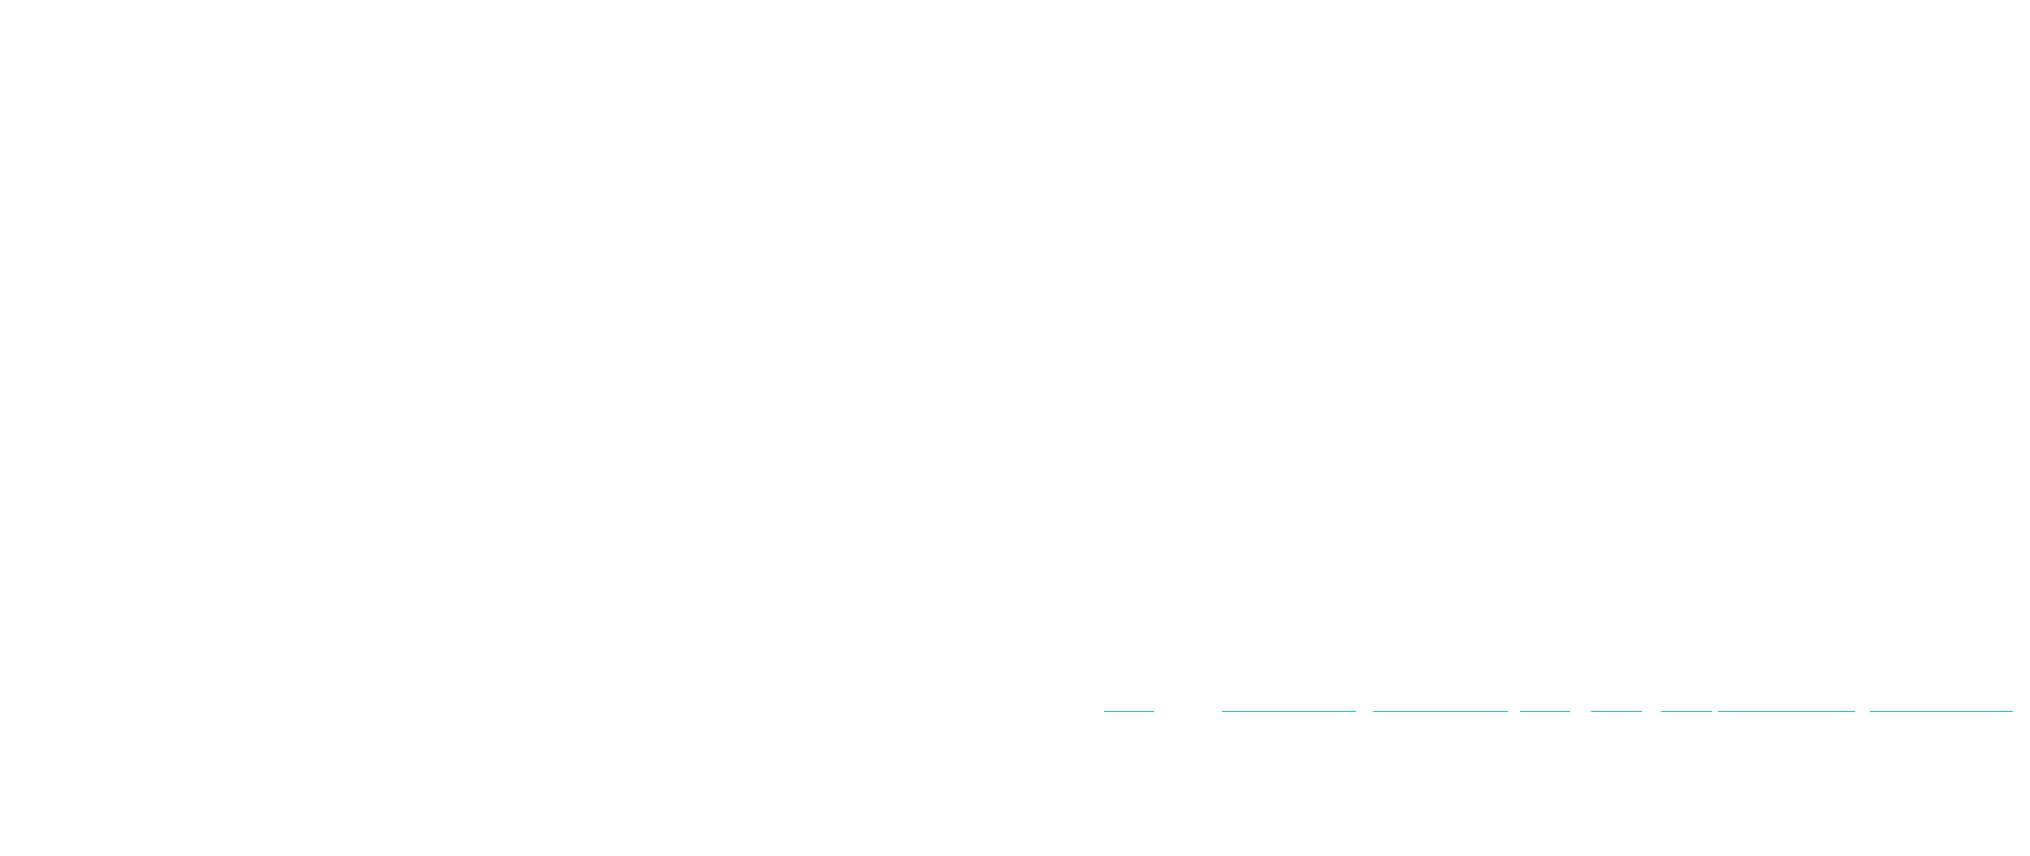 Barbados Light & Power